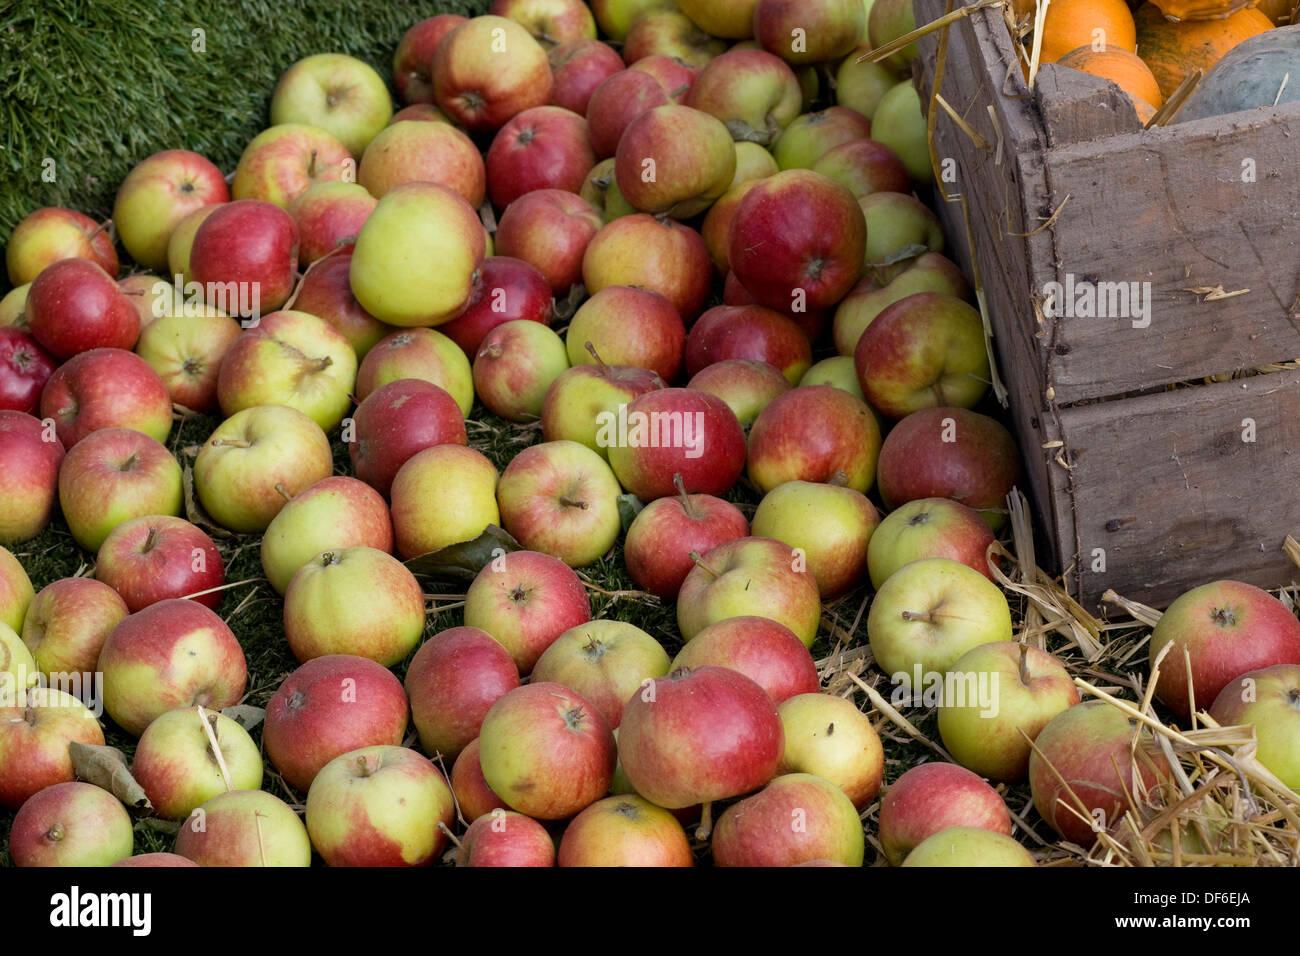 Forbidden Fruit Stock Photos & Forbidden Fruit Stock Images - Alamy